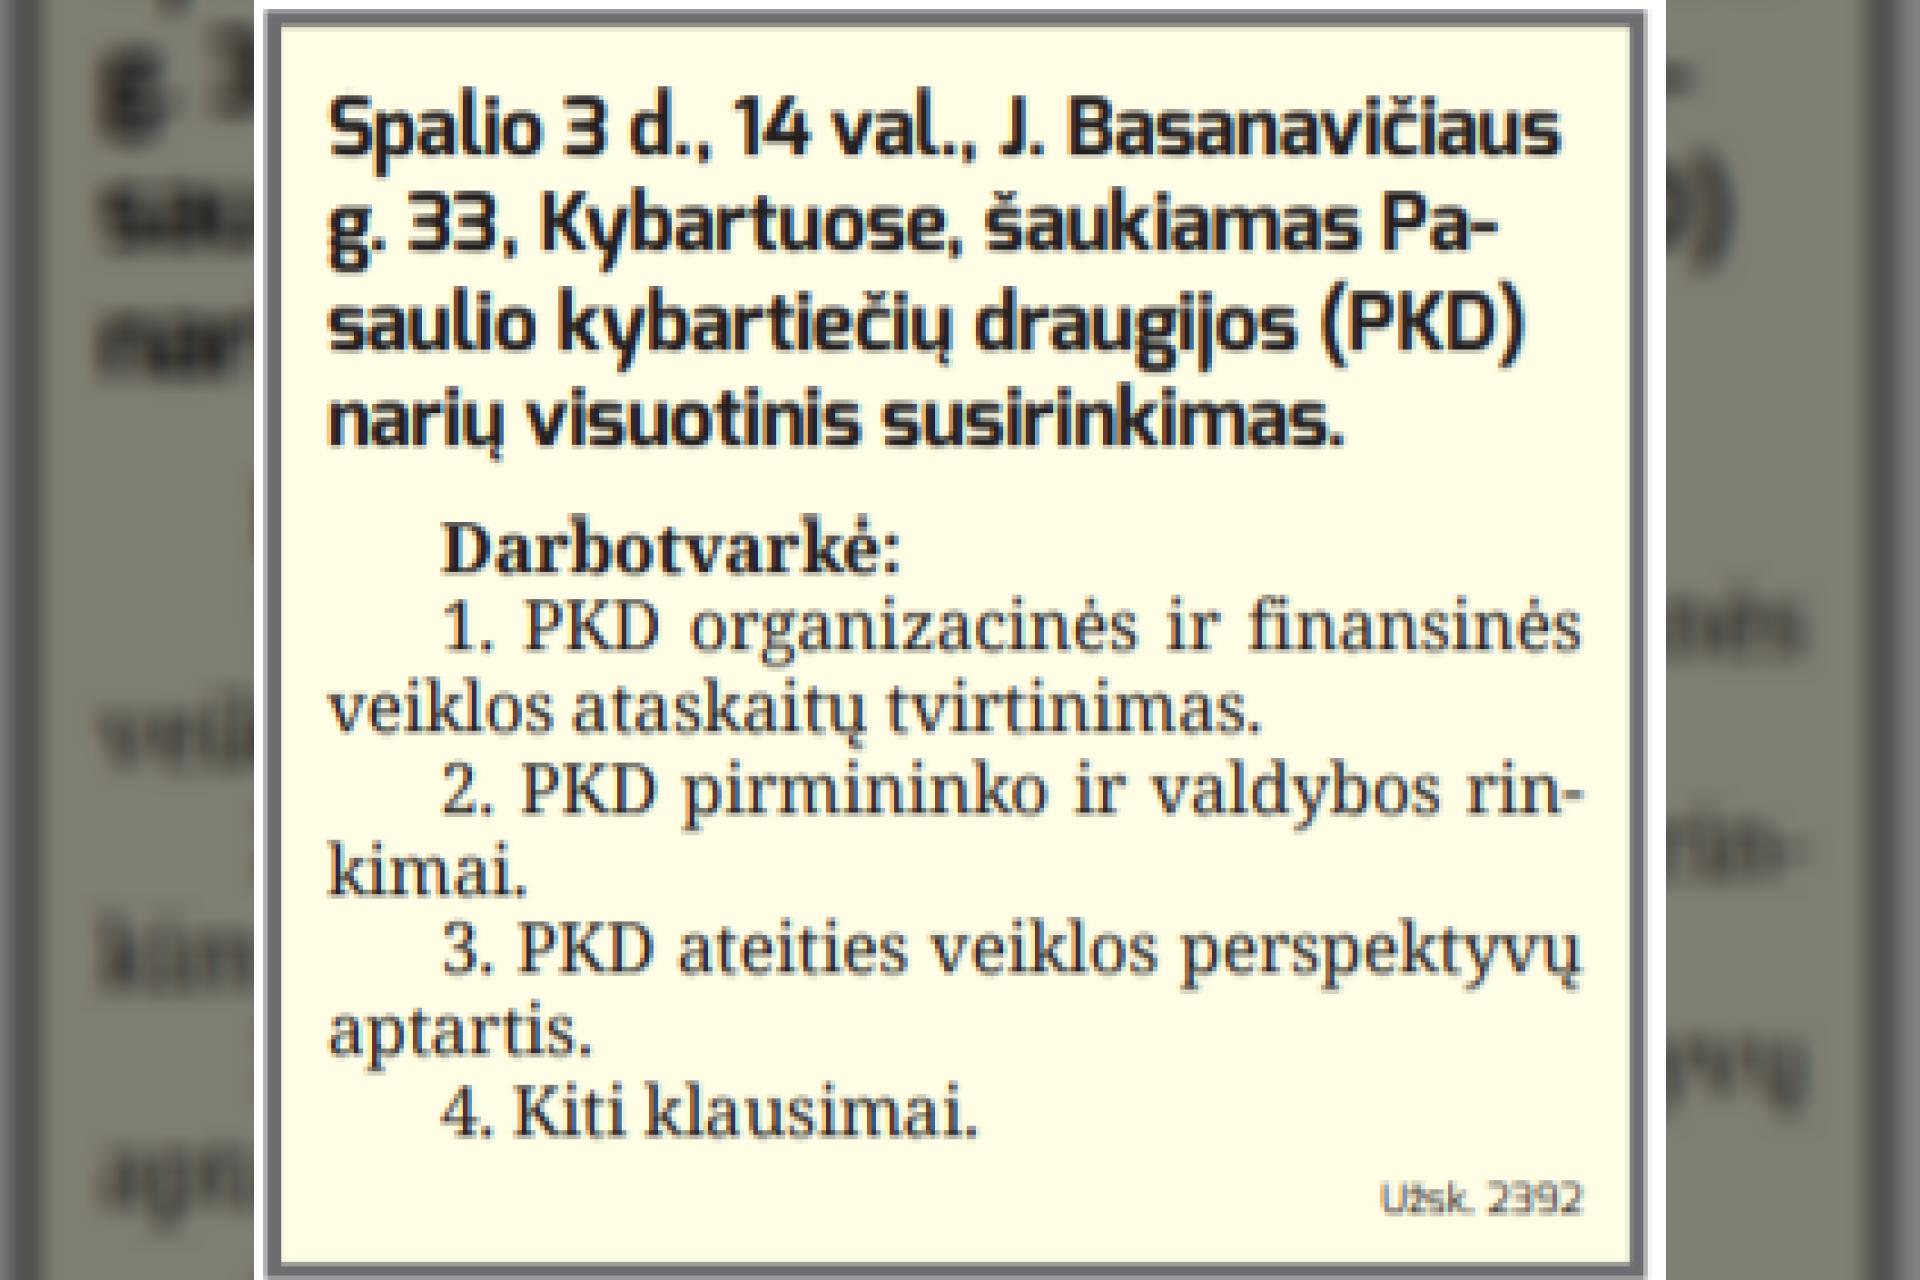 Šaukiamas PKD narių visuotinis susirinkimas